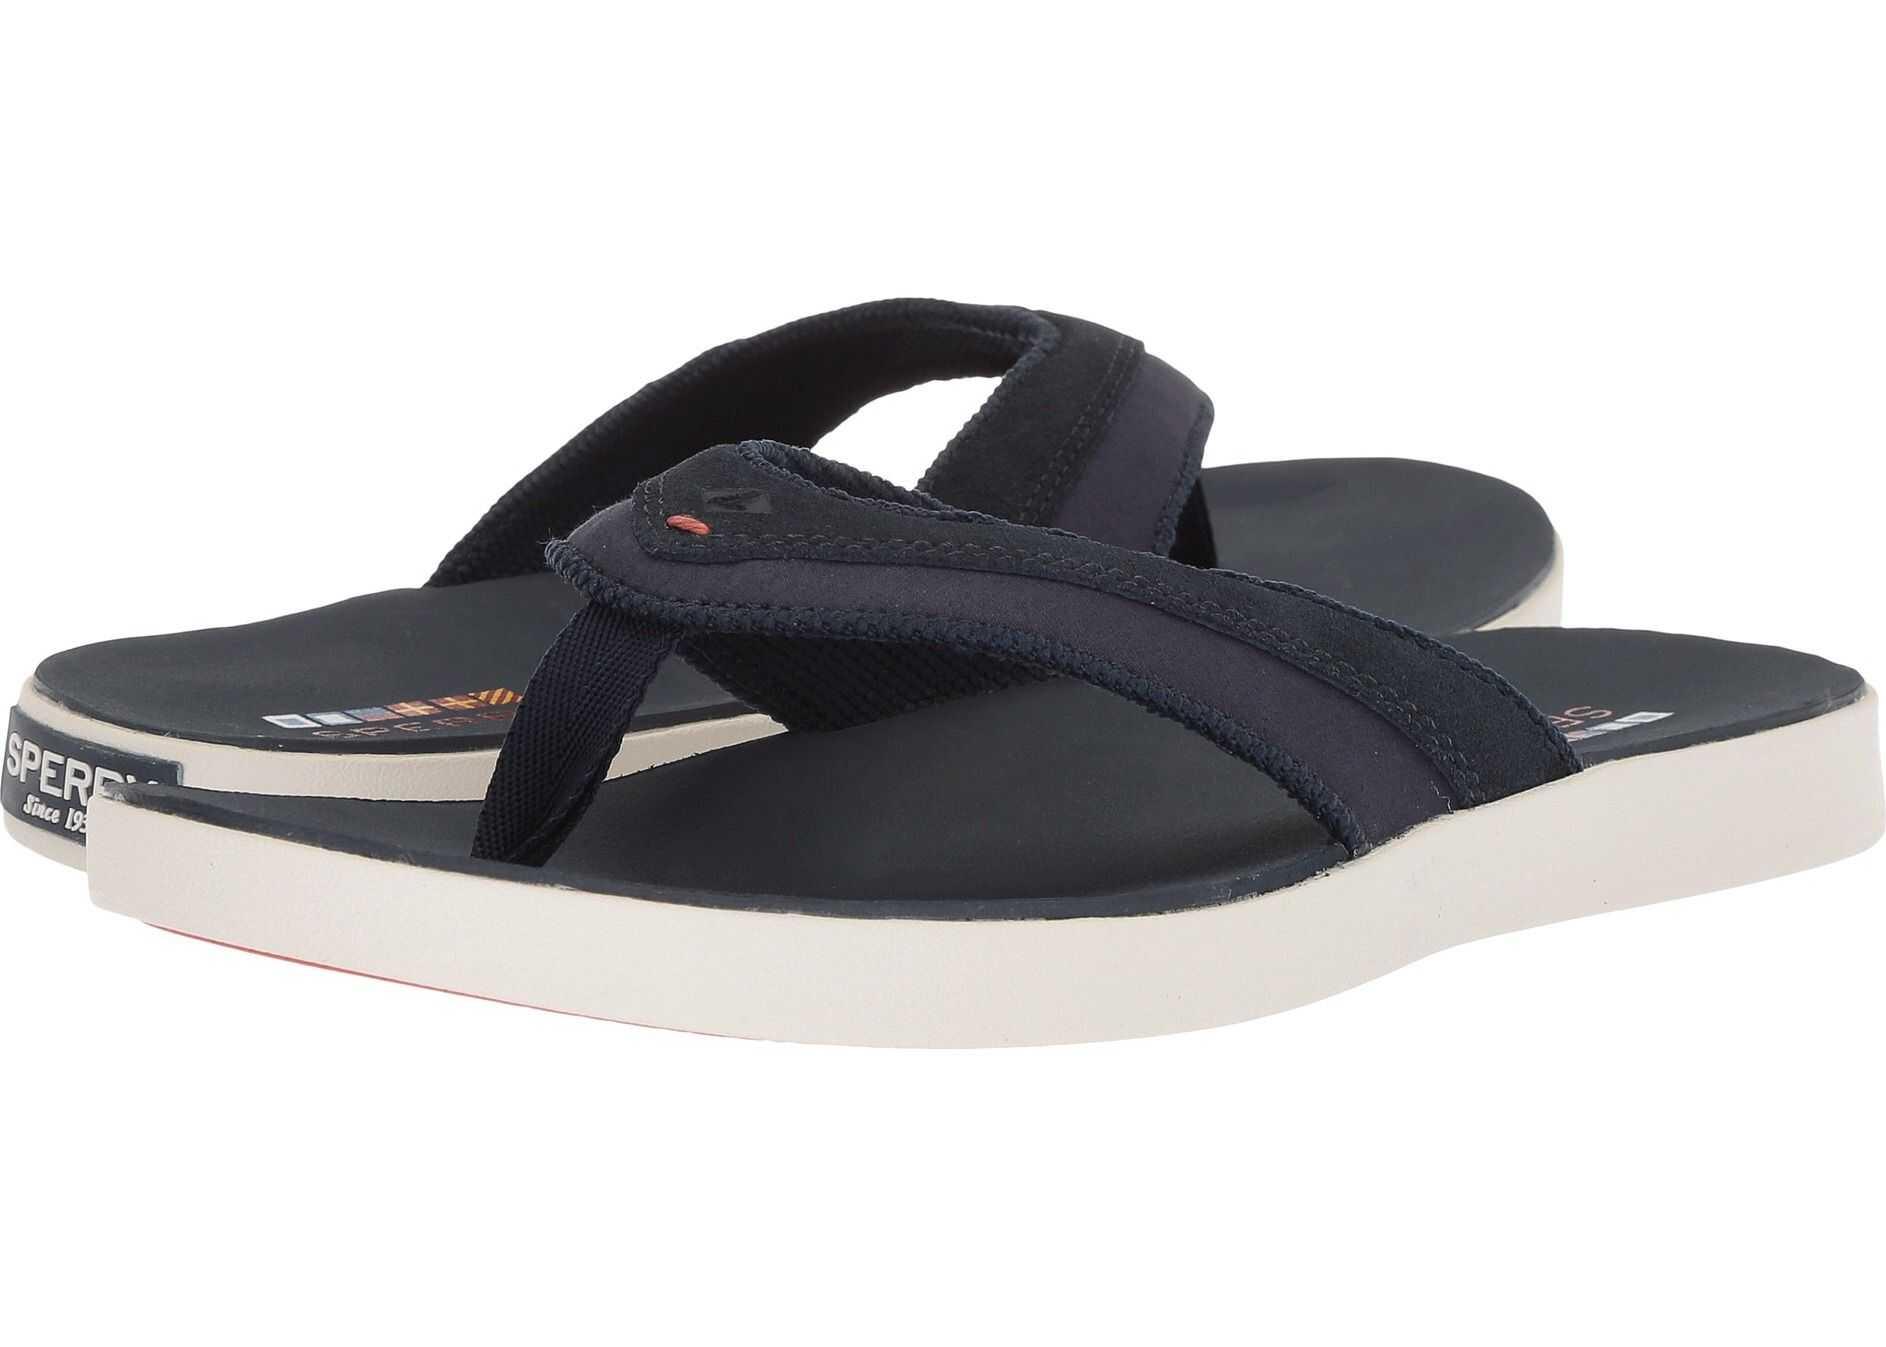 Sperry Top-Sider Wahoo Sandal Navy